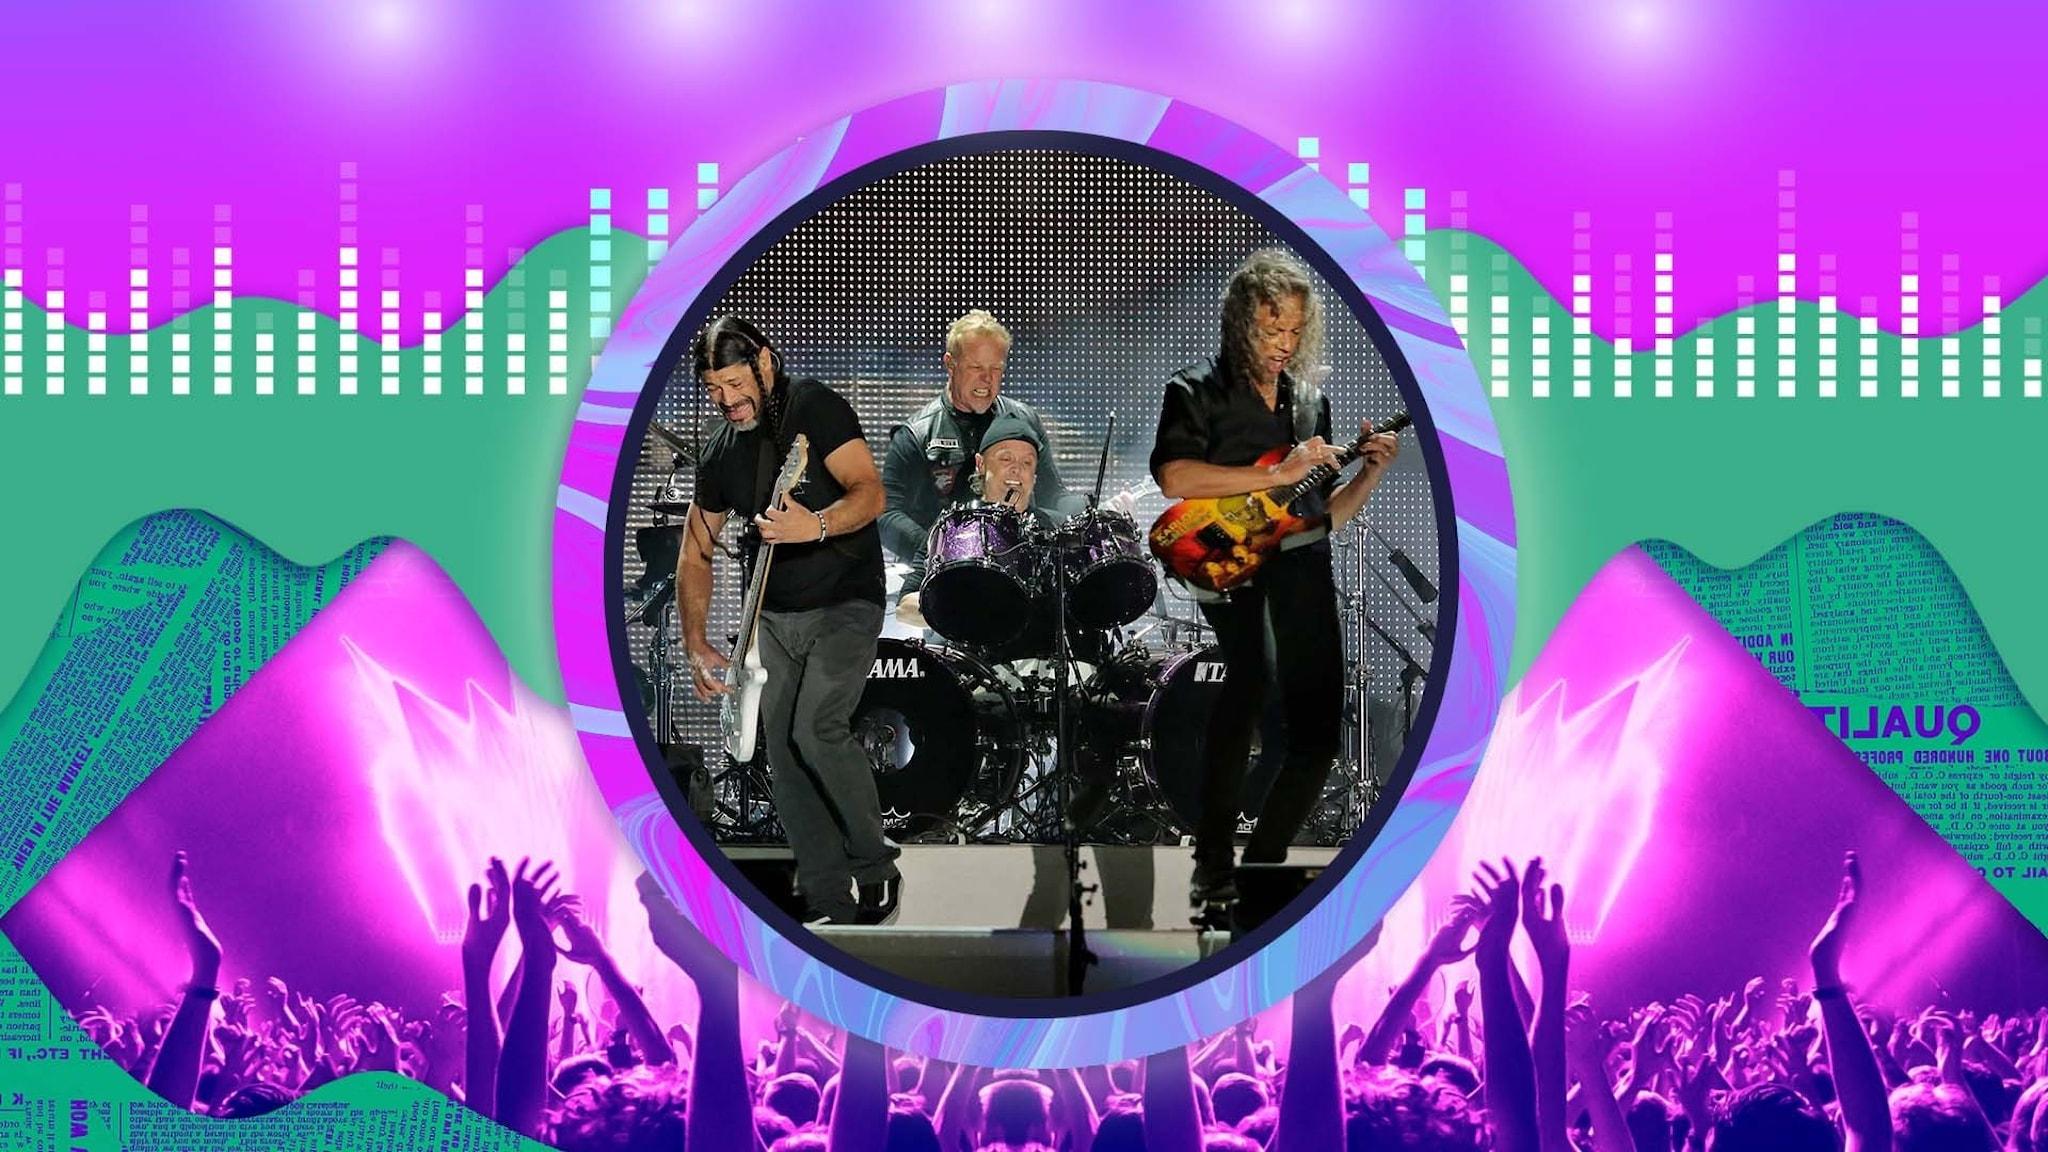 P3 musikdokumentär om bandet Metallica